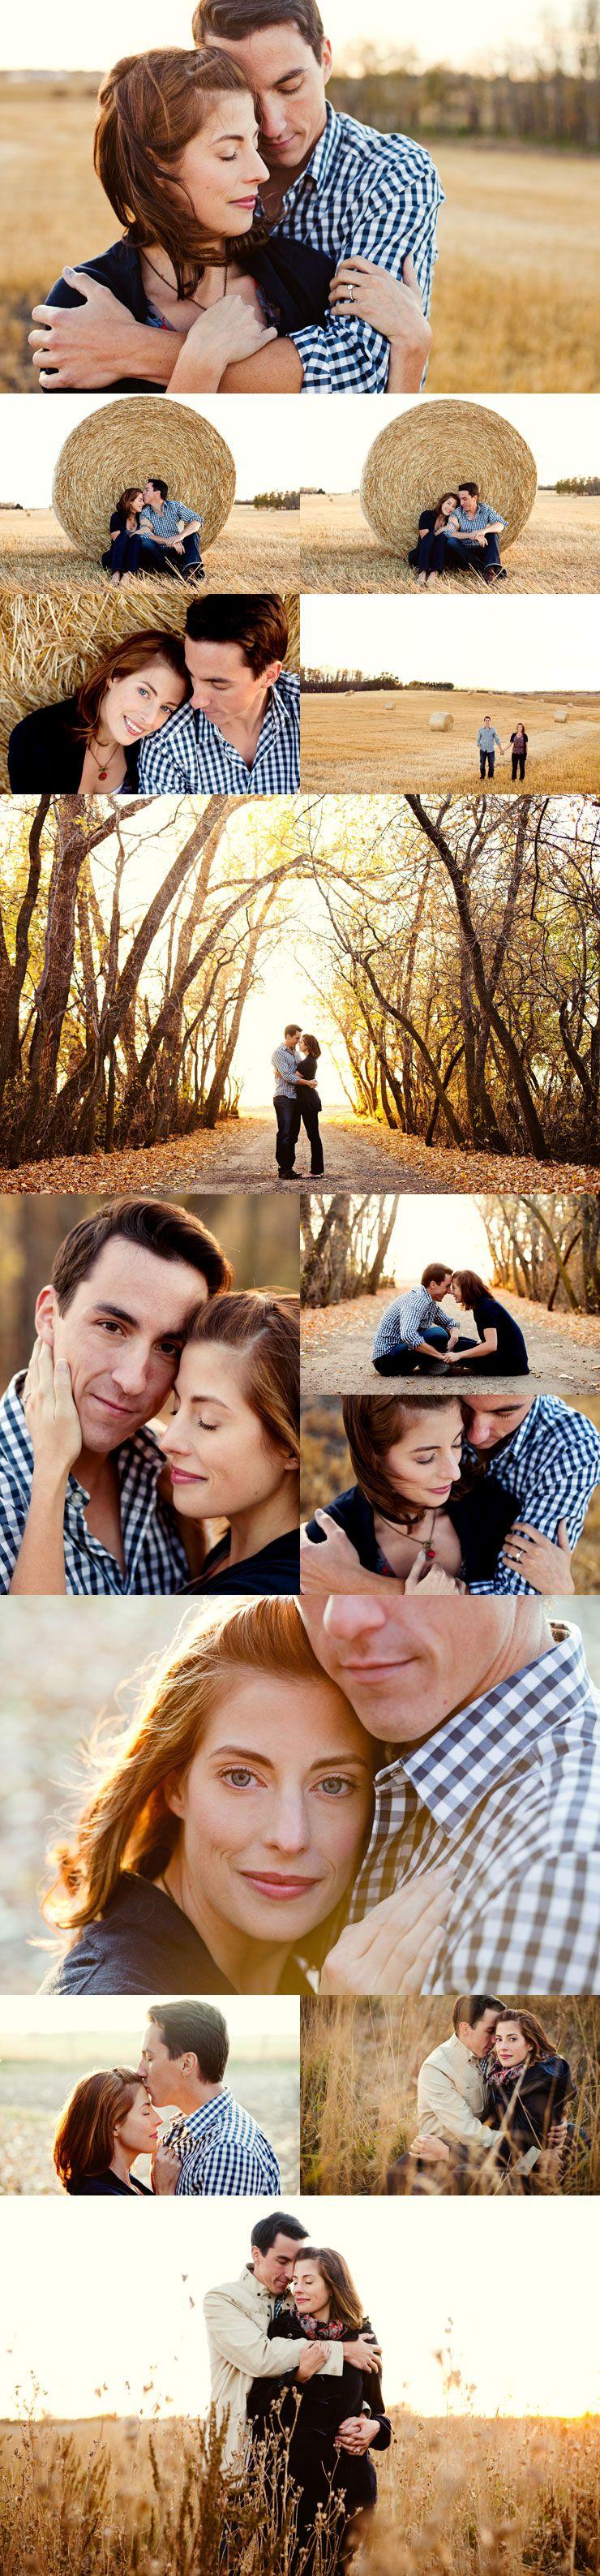 edmonton-engagement-photography